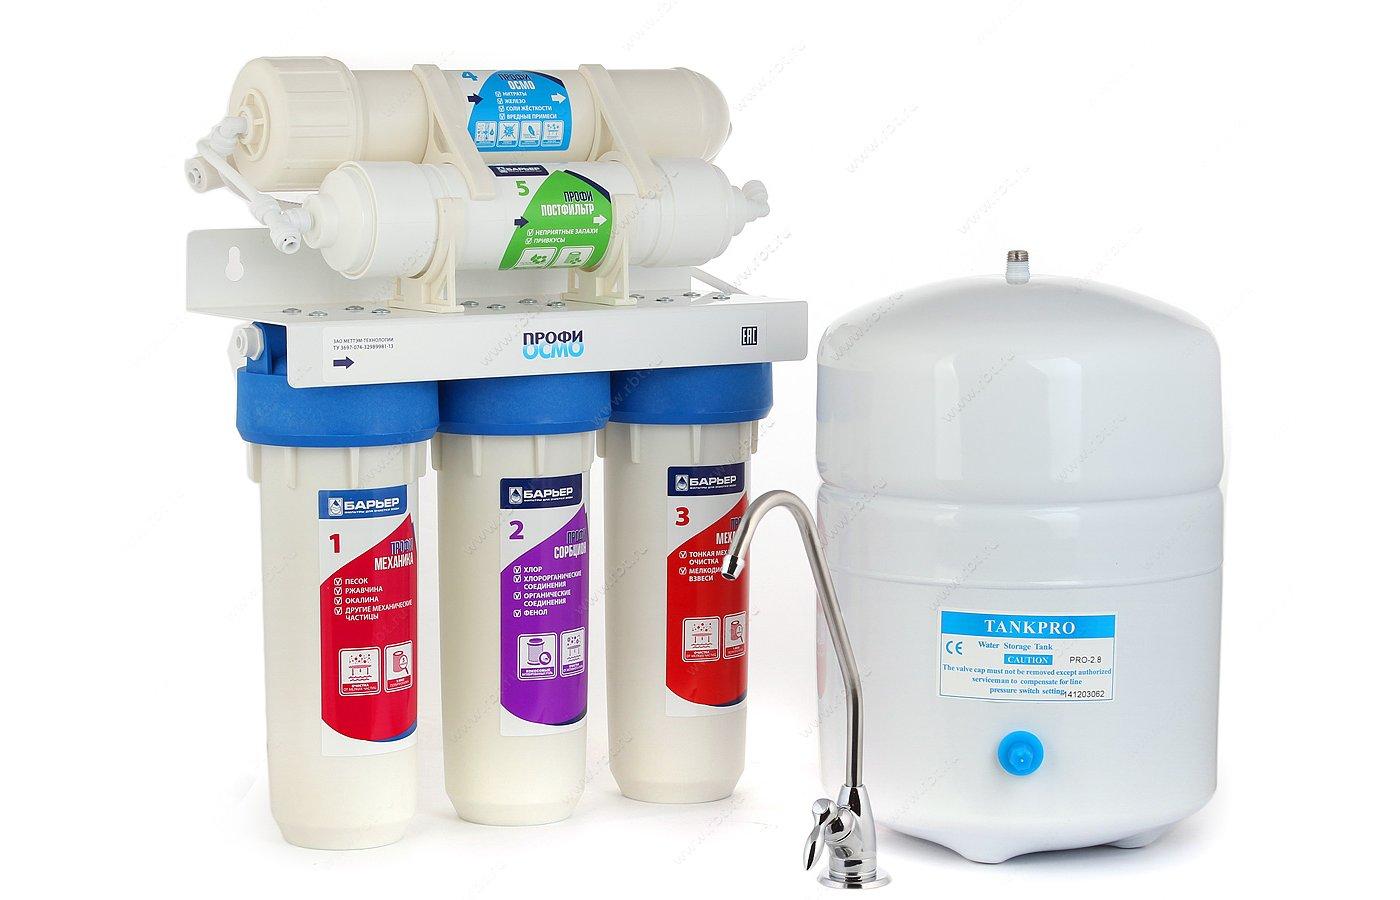 Фильтры для воды БАРЬЕР Профи Осмо 100 (Водоочиститель обратноосмотический)